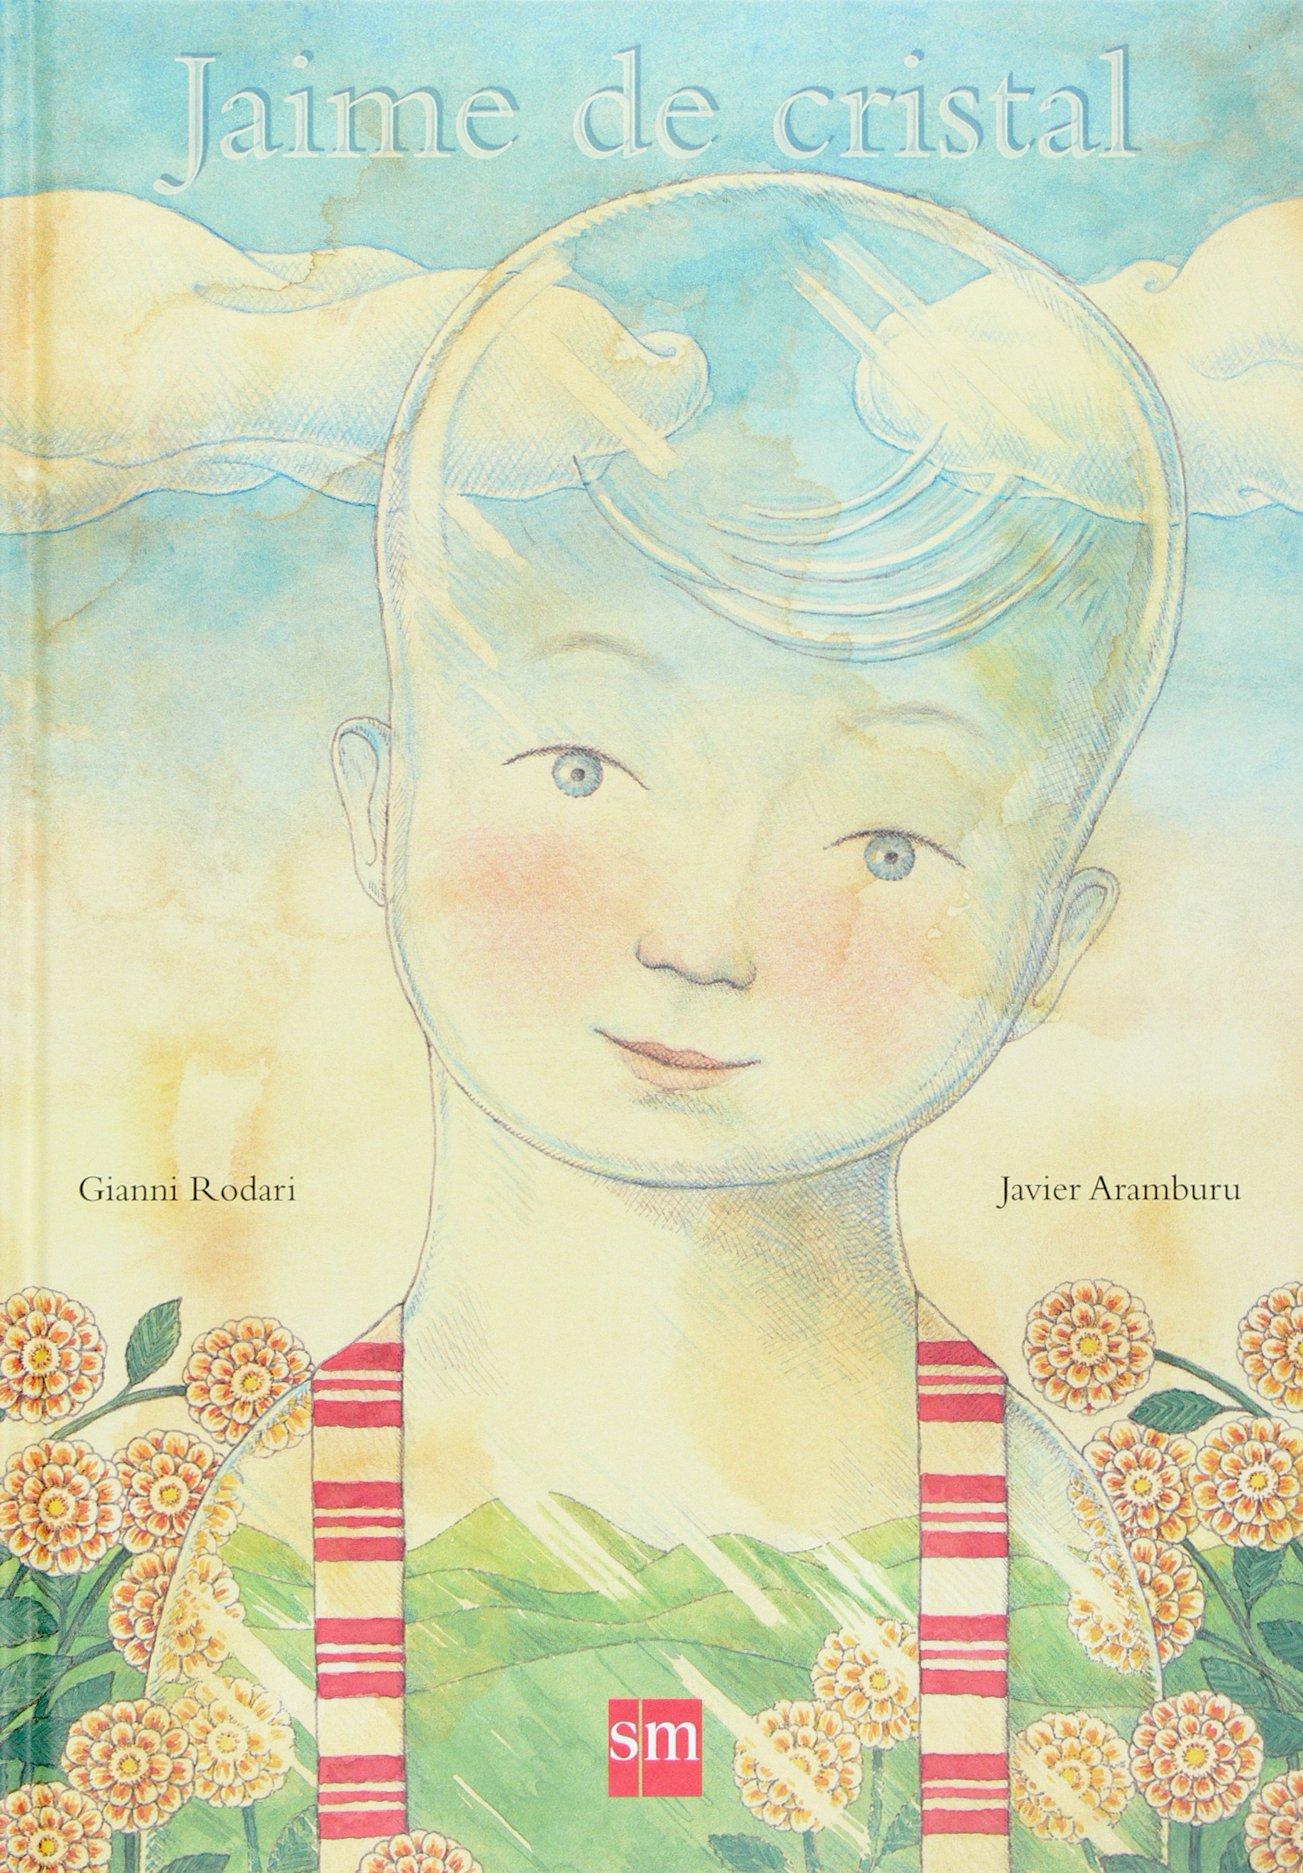 Jaime de cristal (Rodari): Amazon.es: Gianni Rodari, Javier Aramburu, Arantxa Iturrioz: Libros